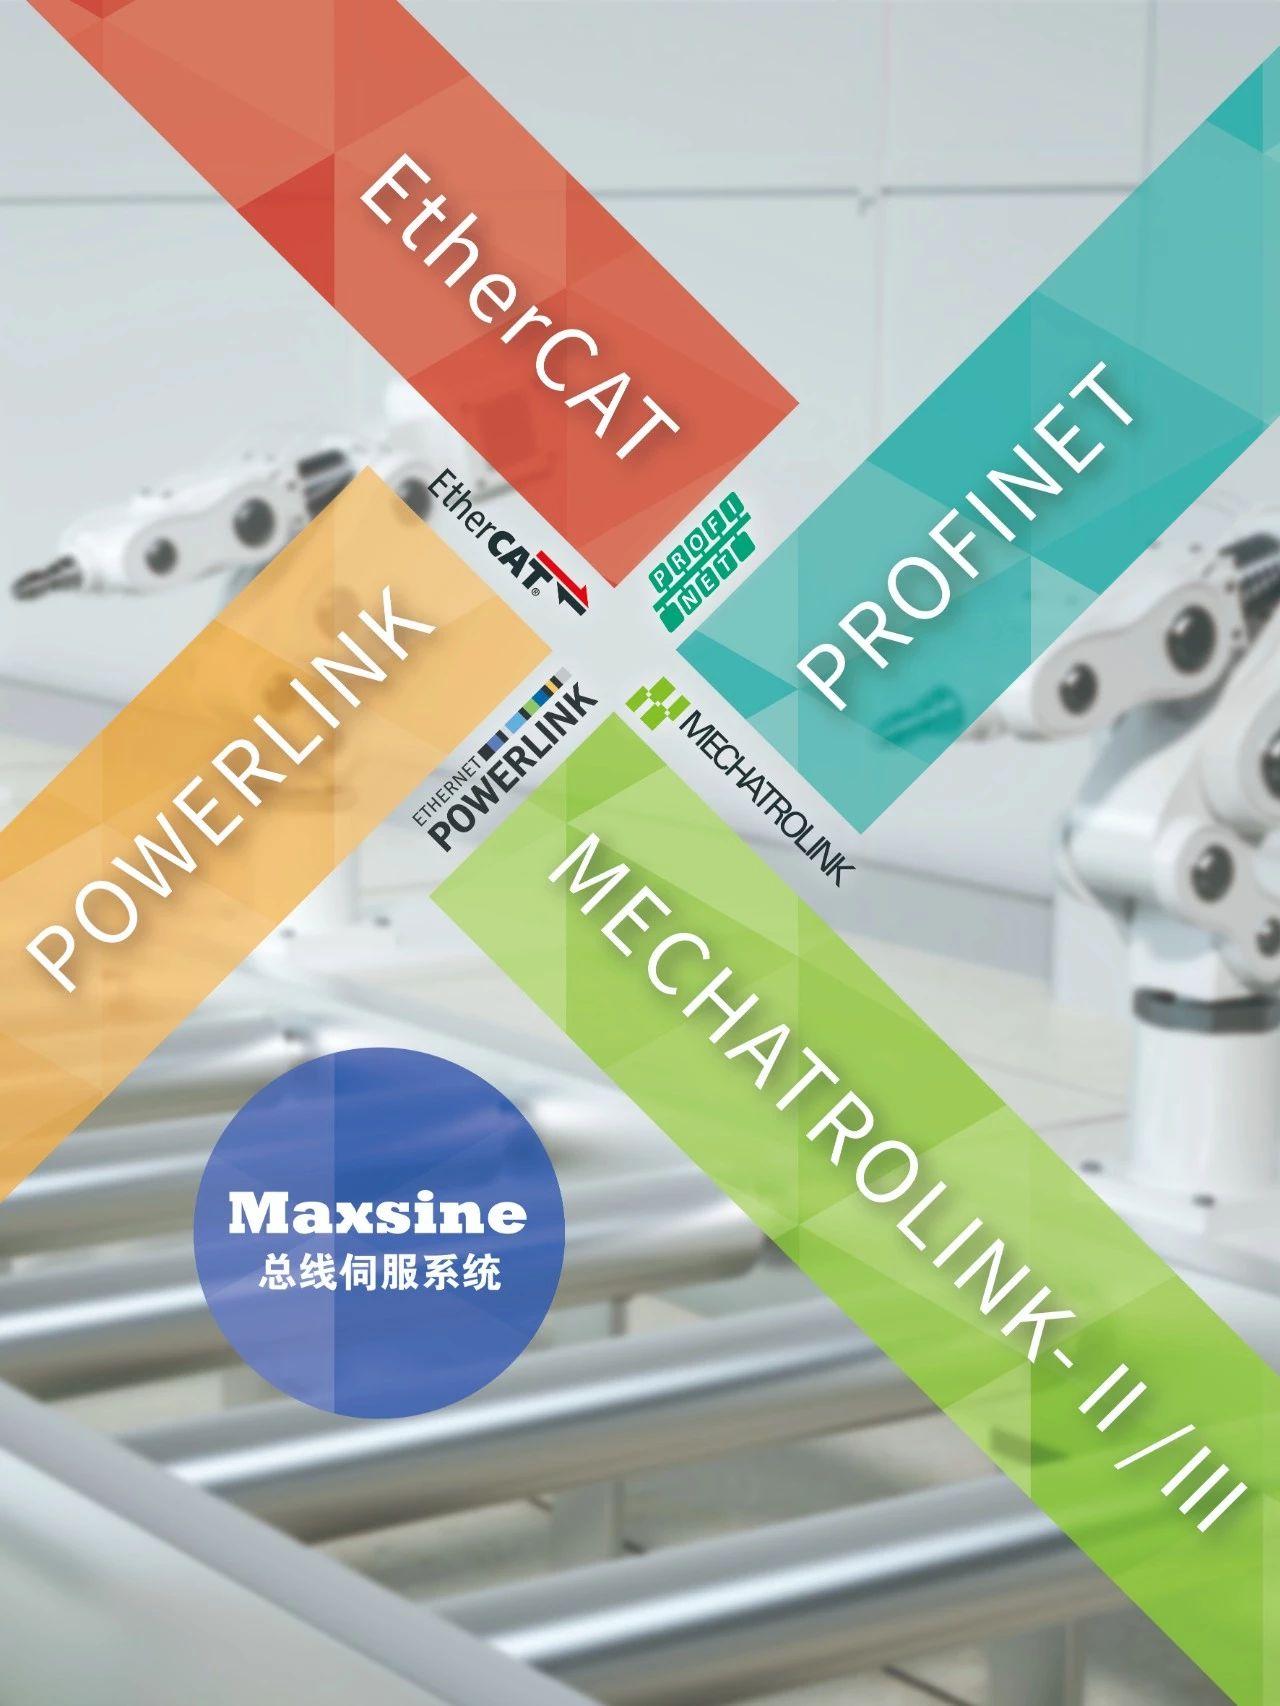 Maxsine总线伺服系统